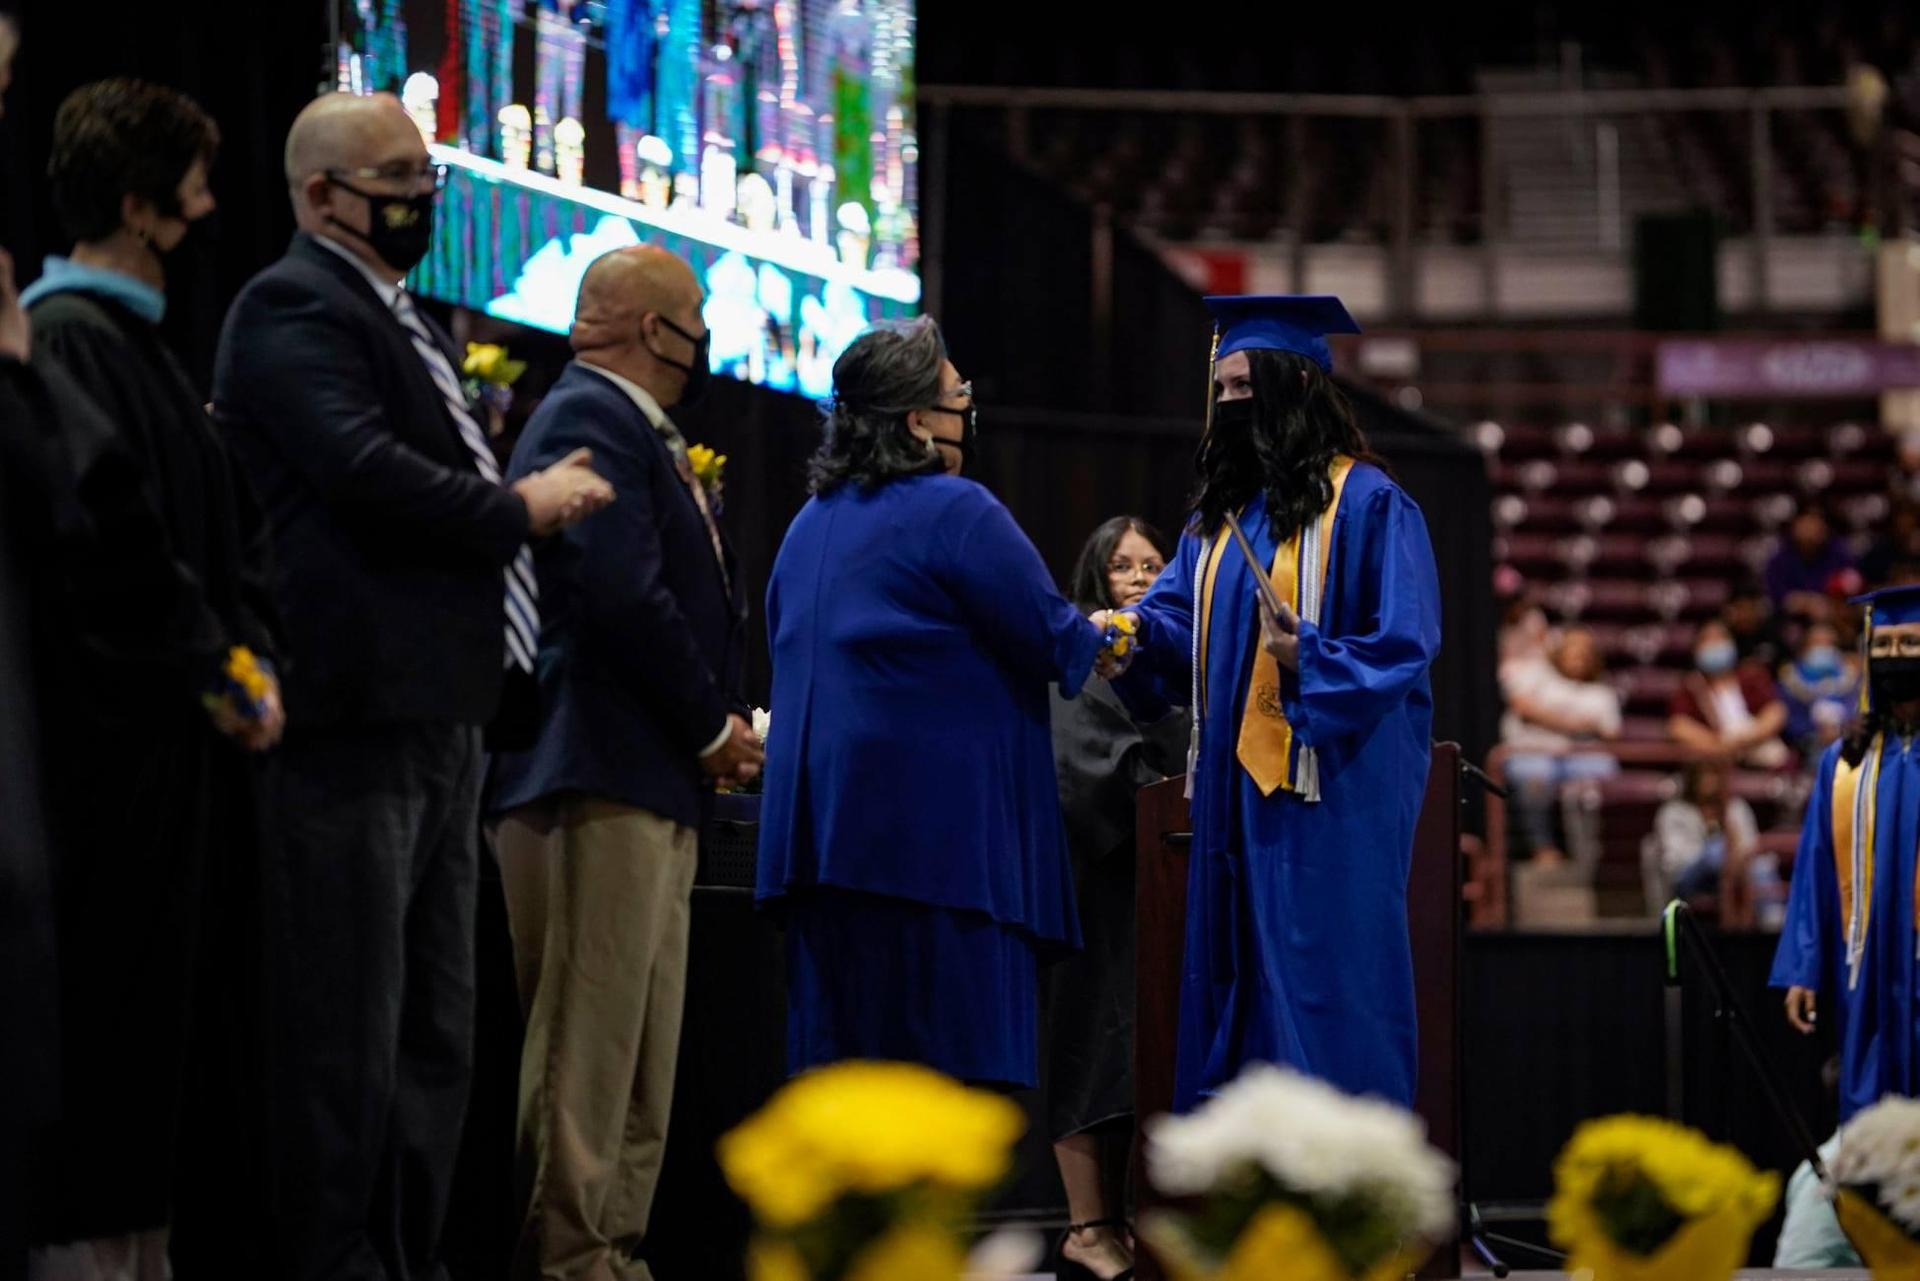 Marisela handing diploma to graduate